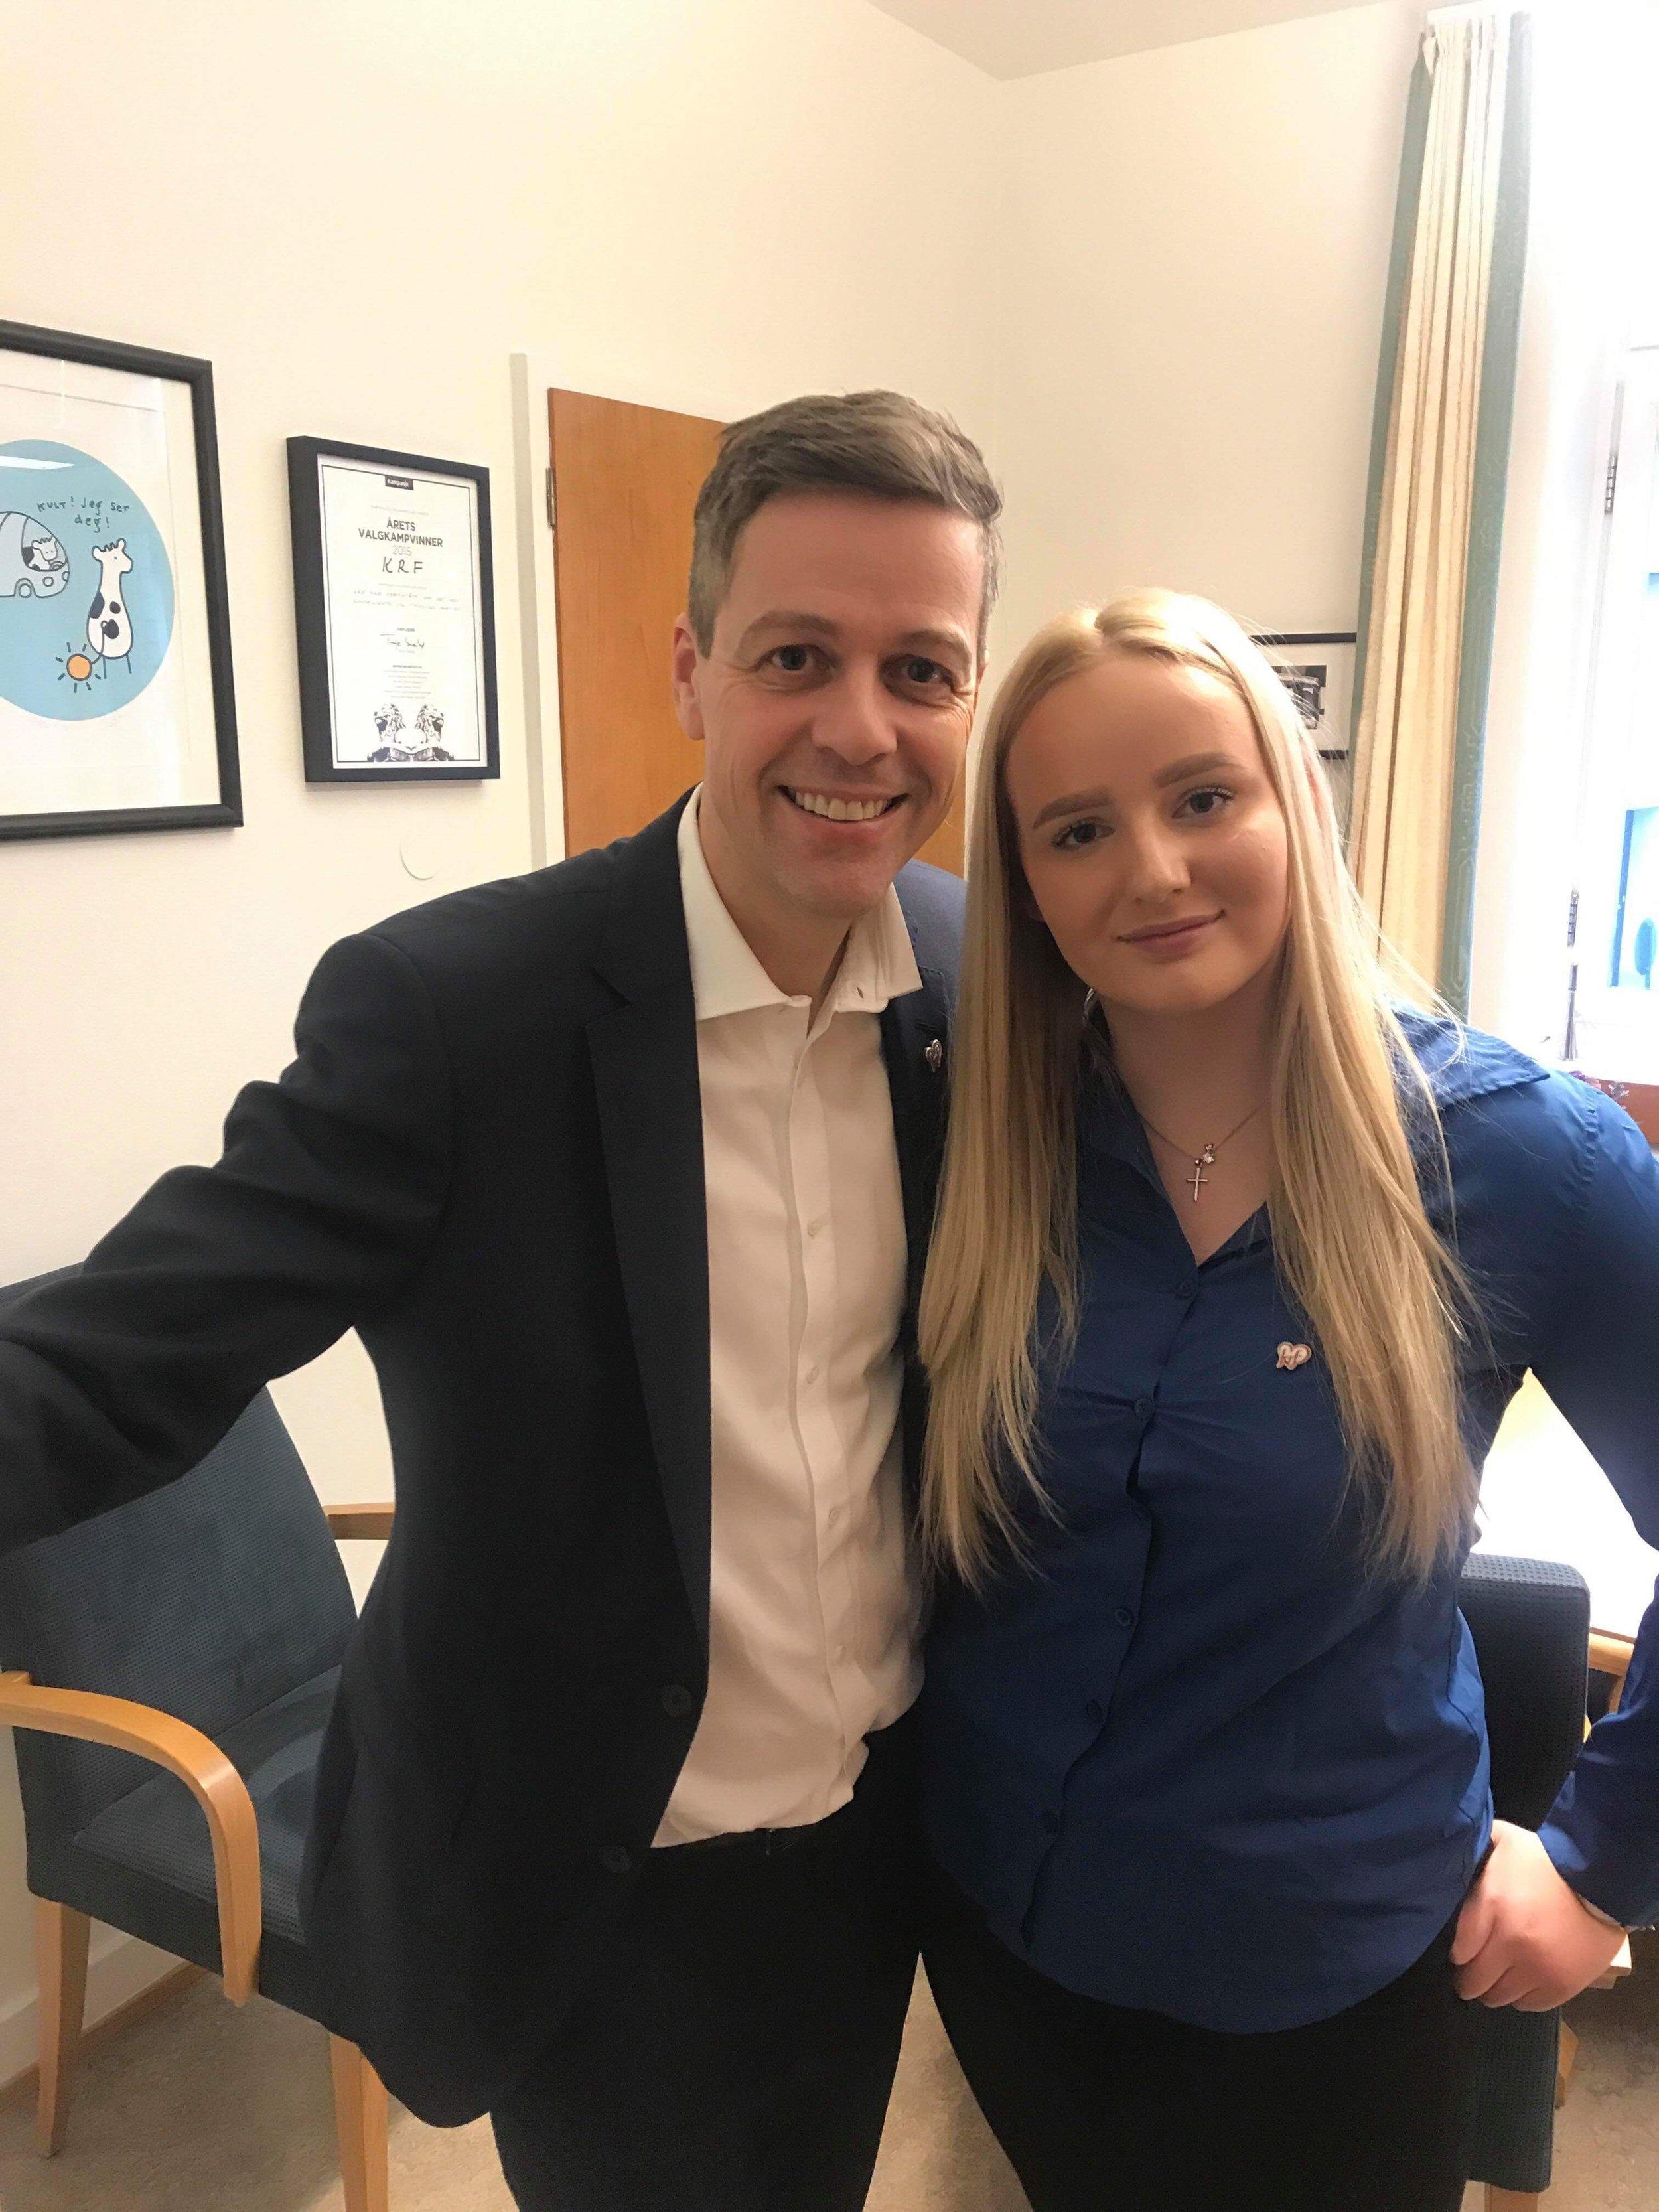 Constance Aarøy Thuv fikk komme bak kulissene på Stortinget da hun sist uke tilbragte en dag sammen med KrF-leder Knut Arild Hareide Foto: Privat